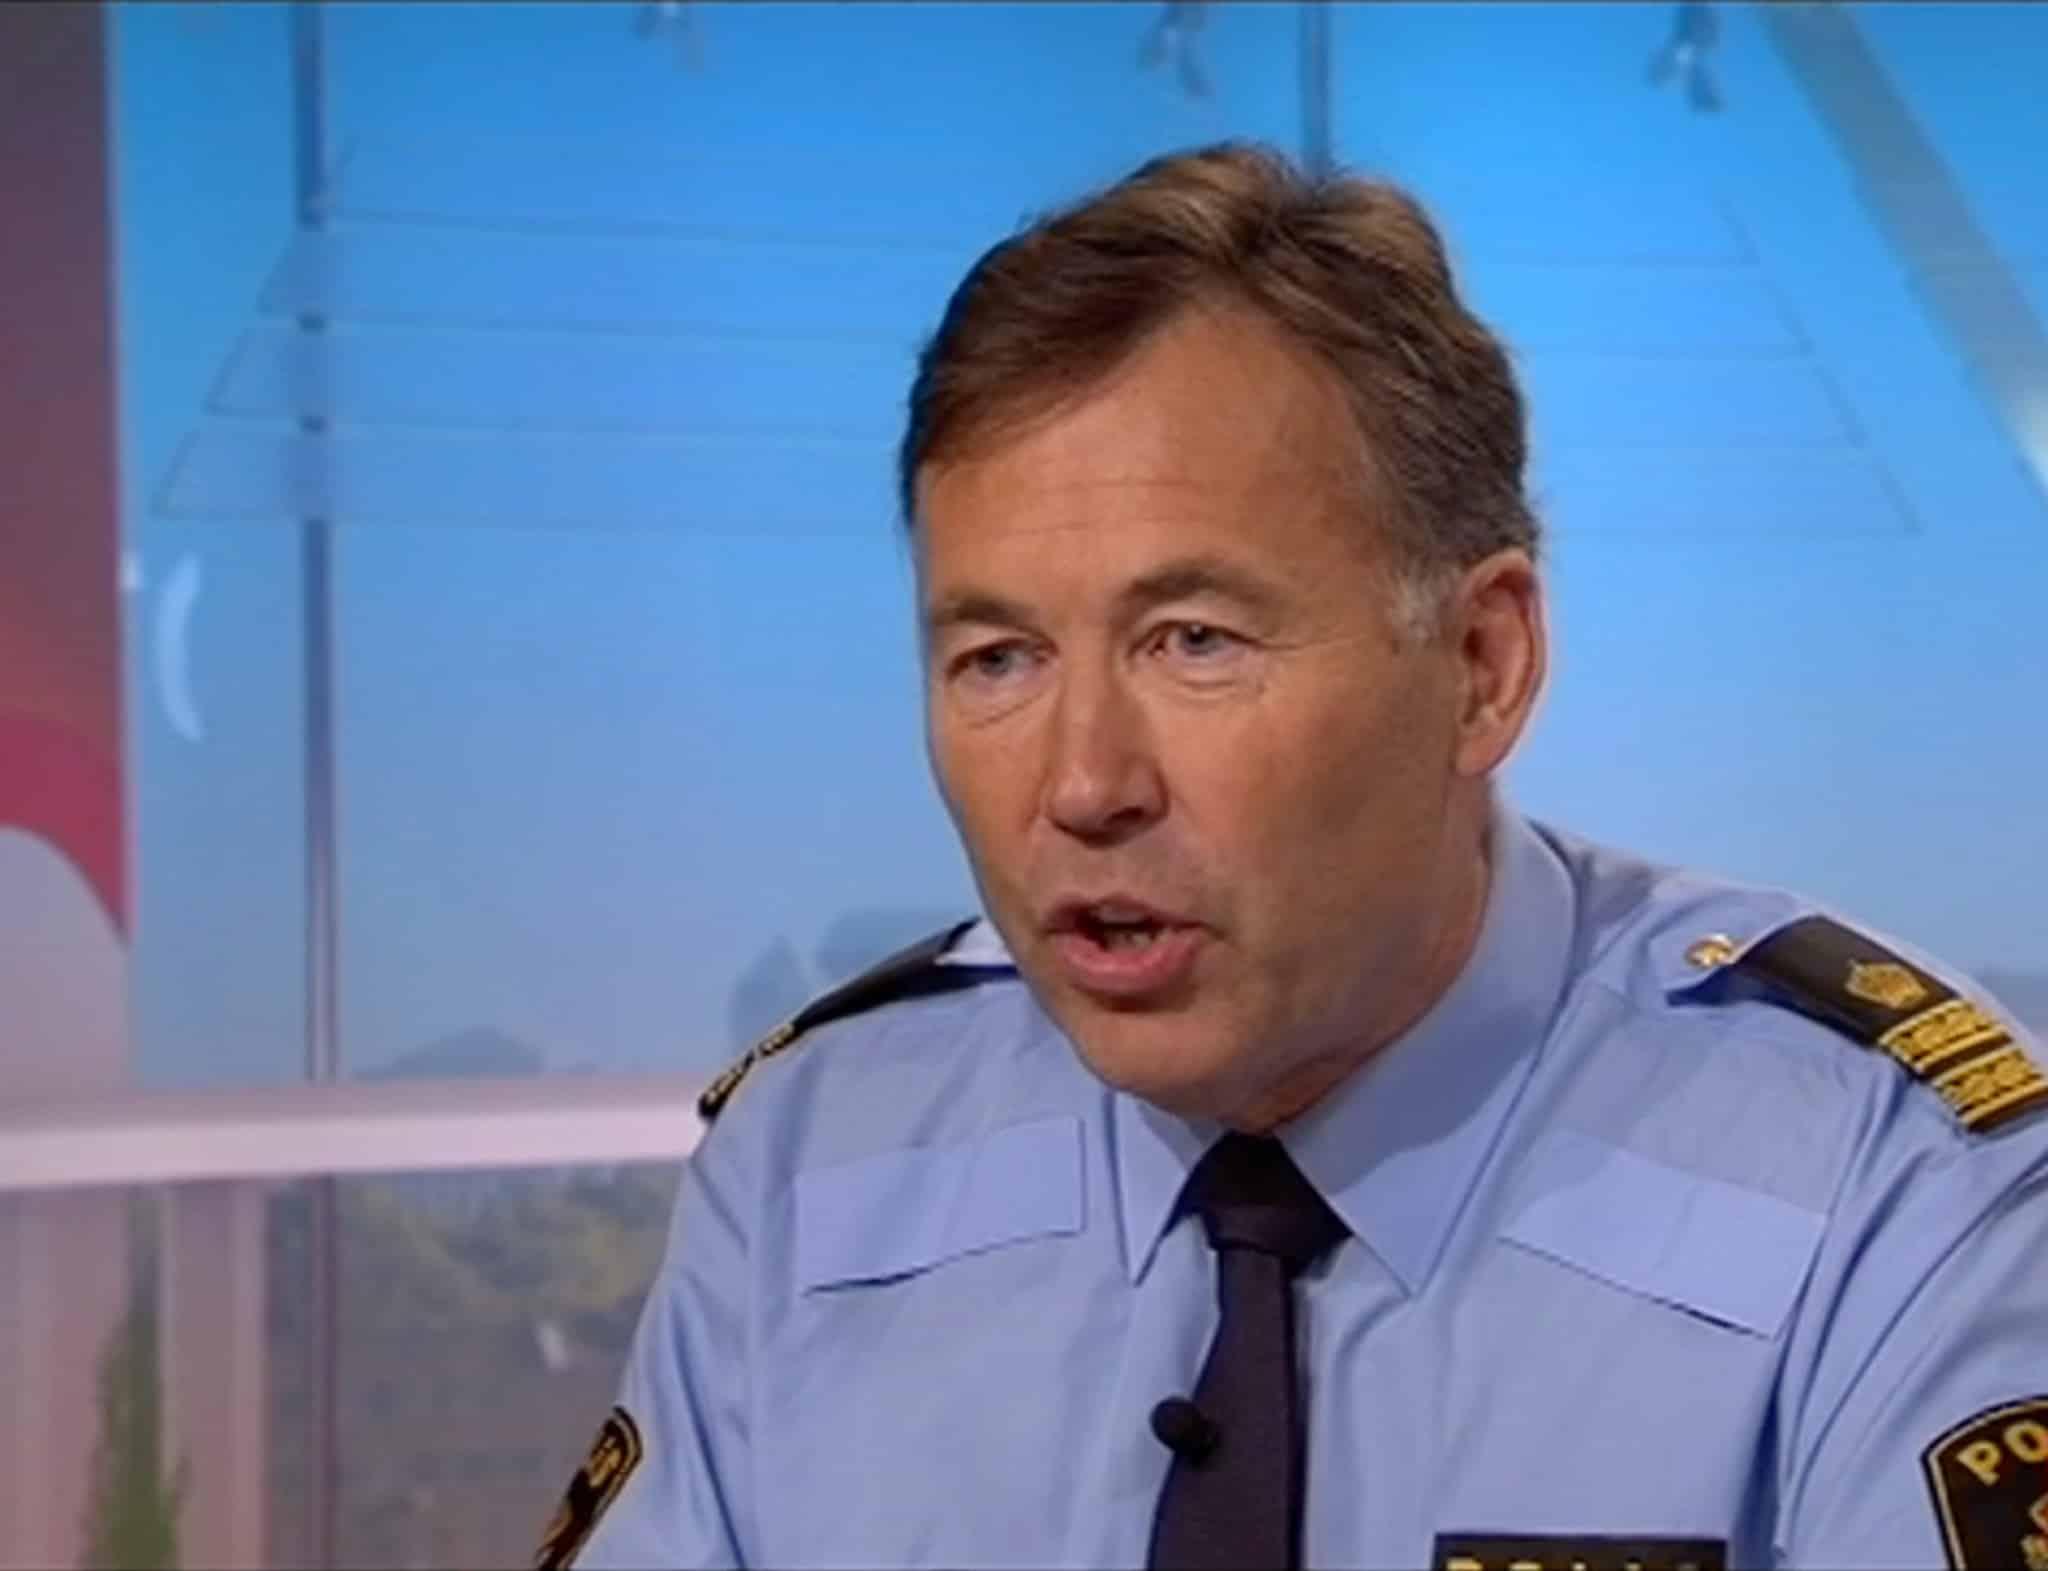 Peter Thorsell, Polismyndighetens avdelning för vapenfrågor. Foto: SVTPlay